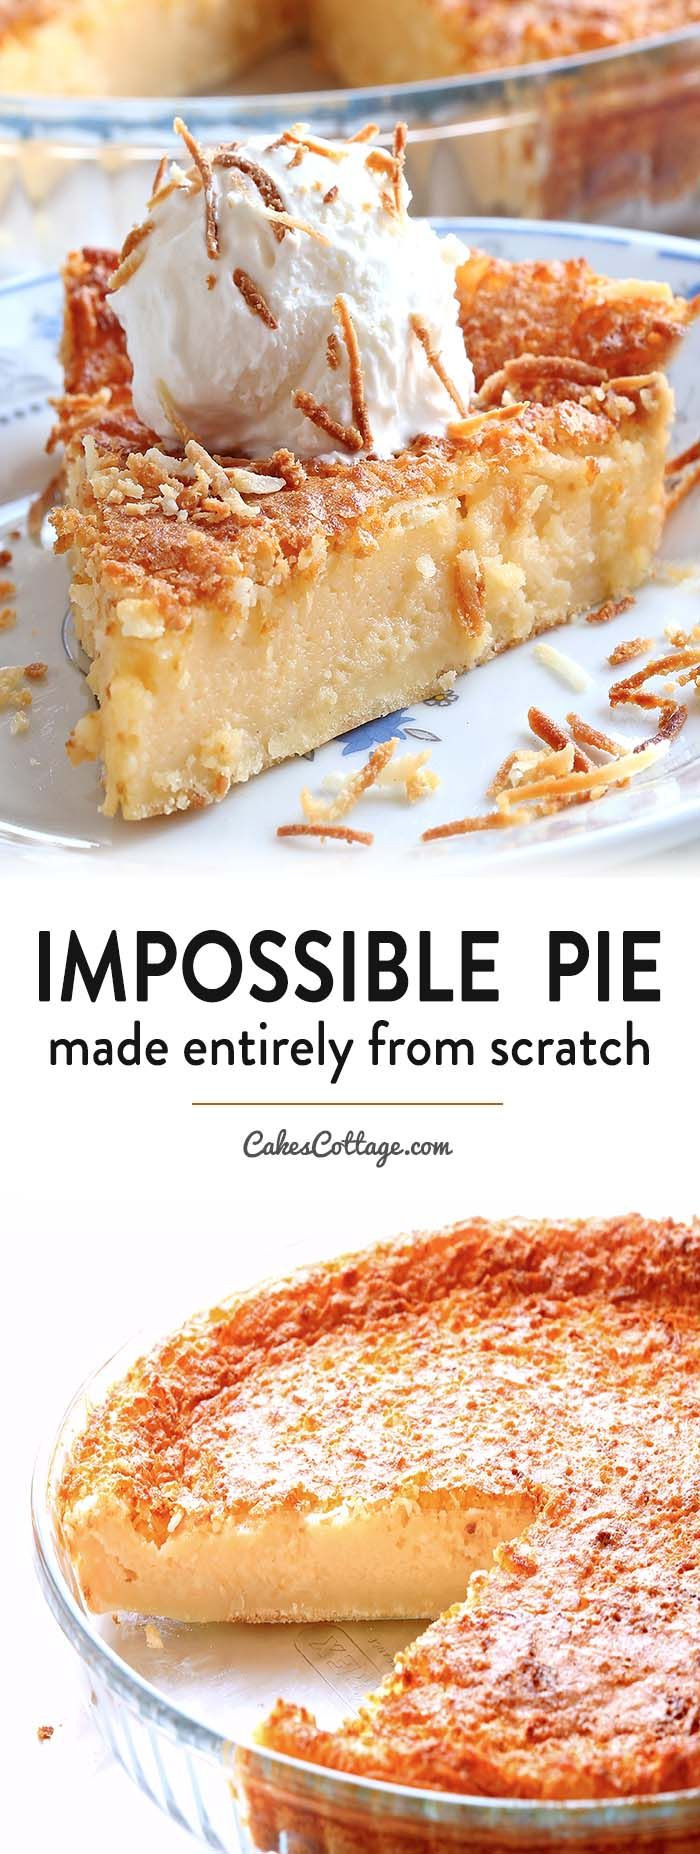 Impossible Pie Recipe - Cakescottage